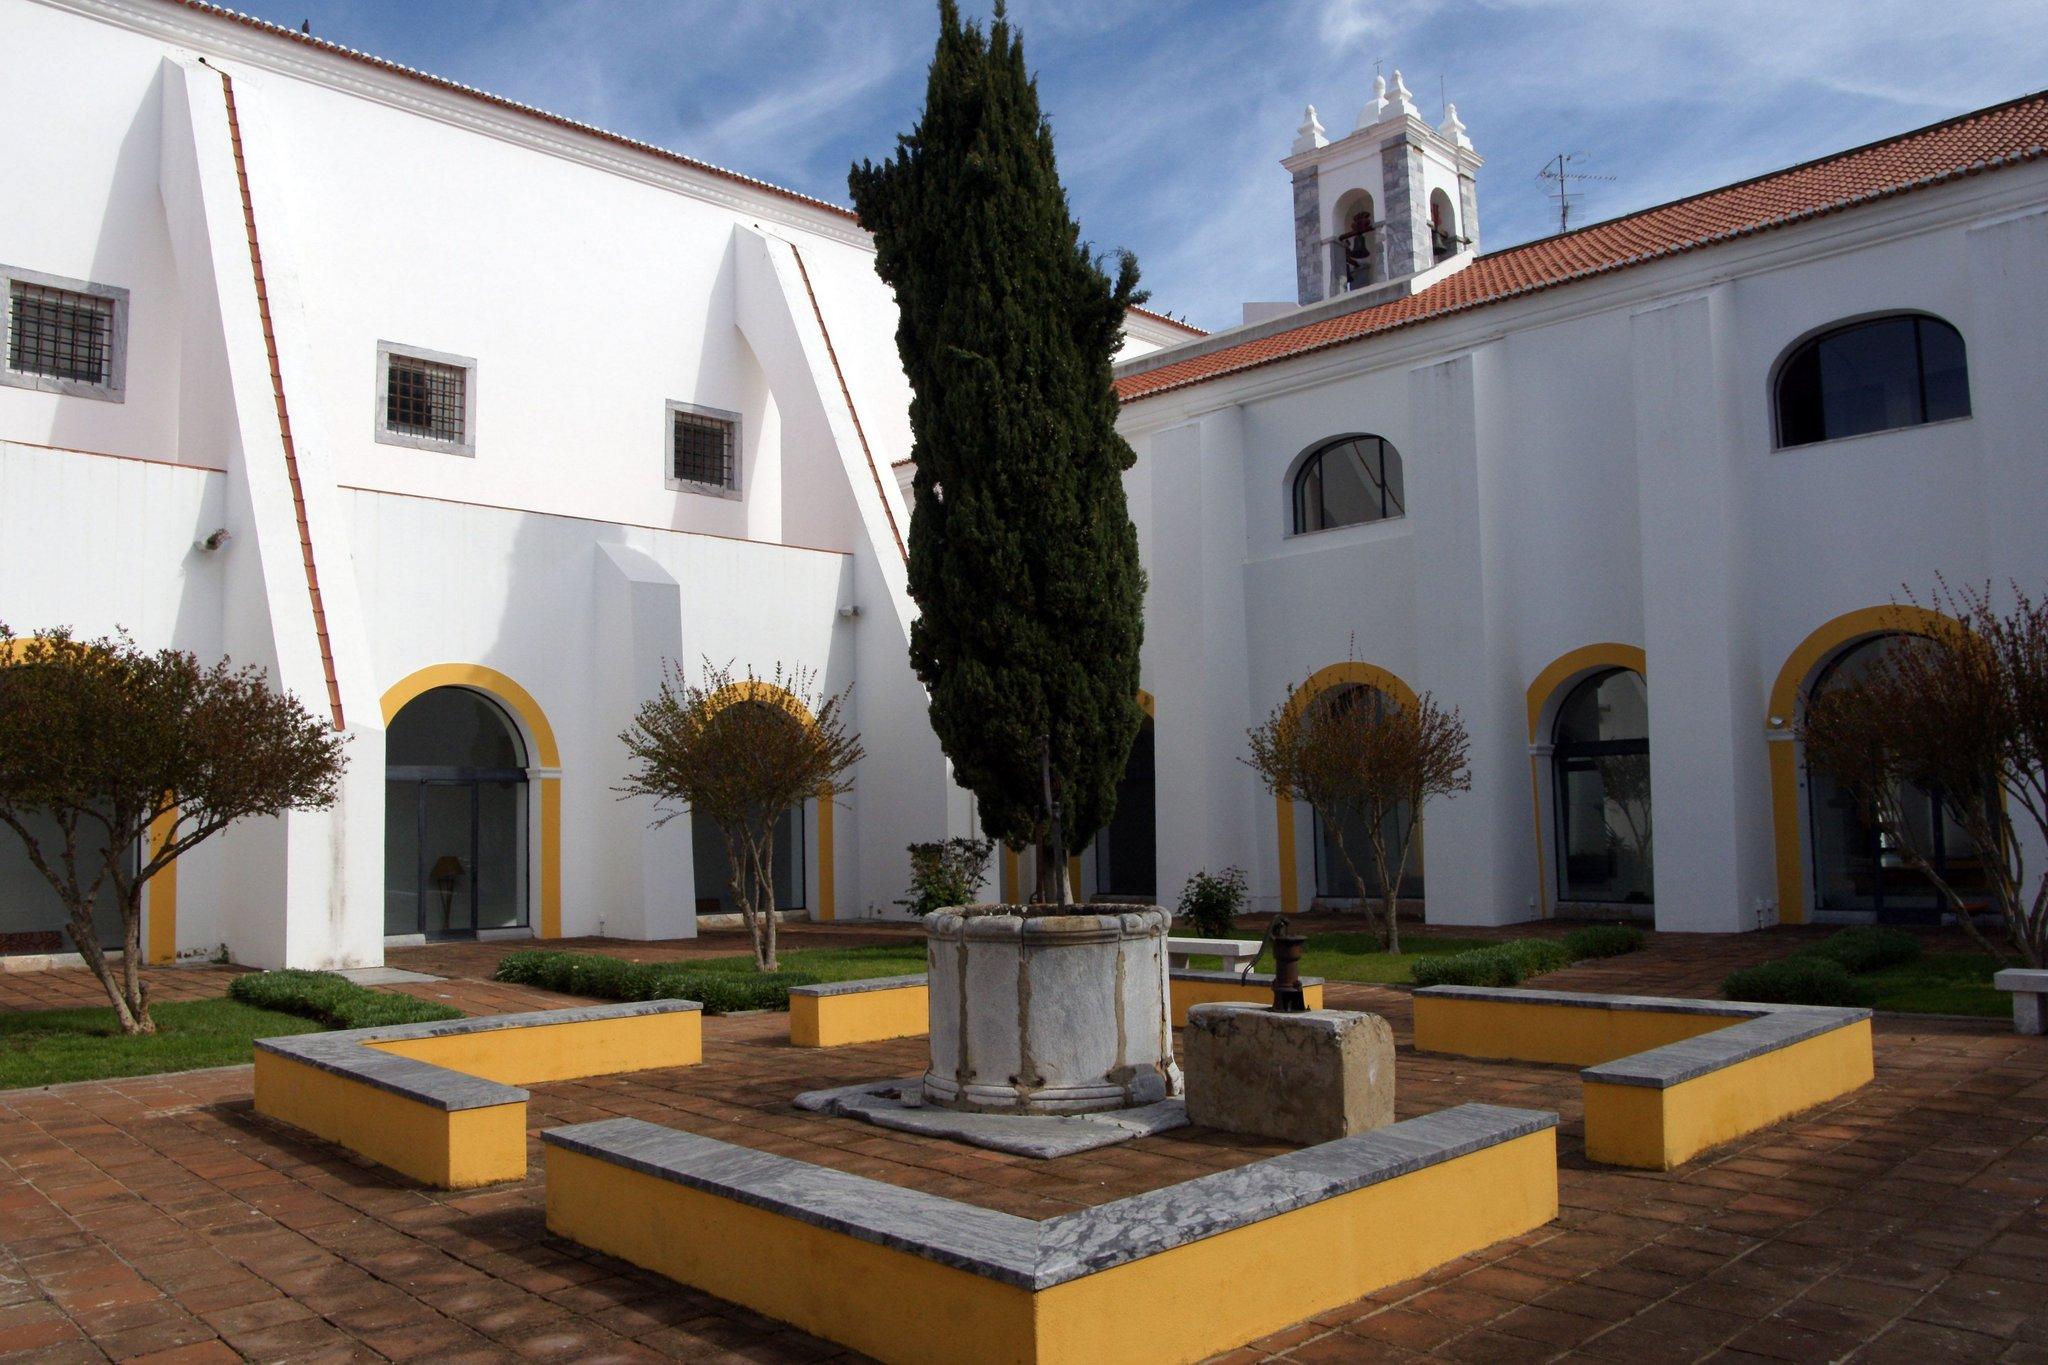 Pousada De Beja Historic Hotel